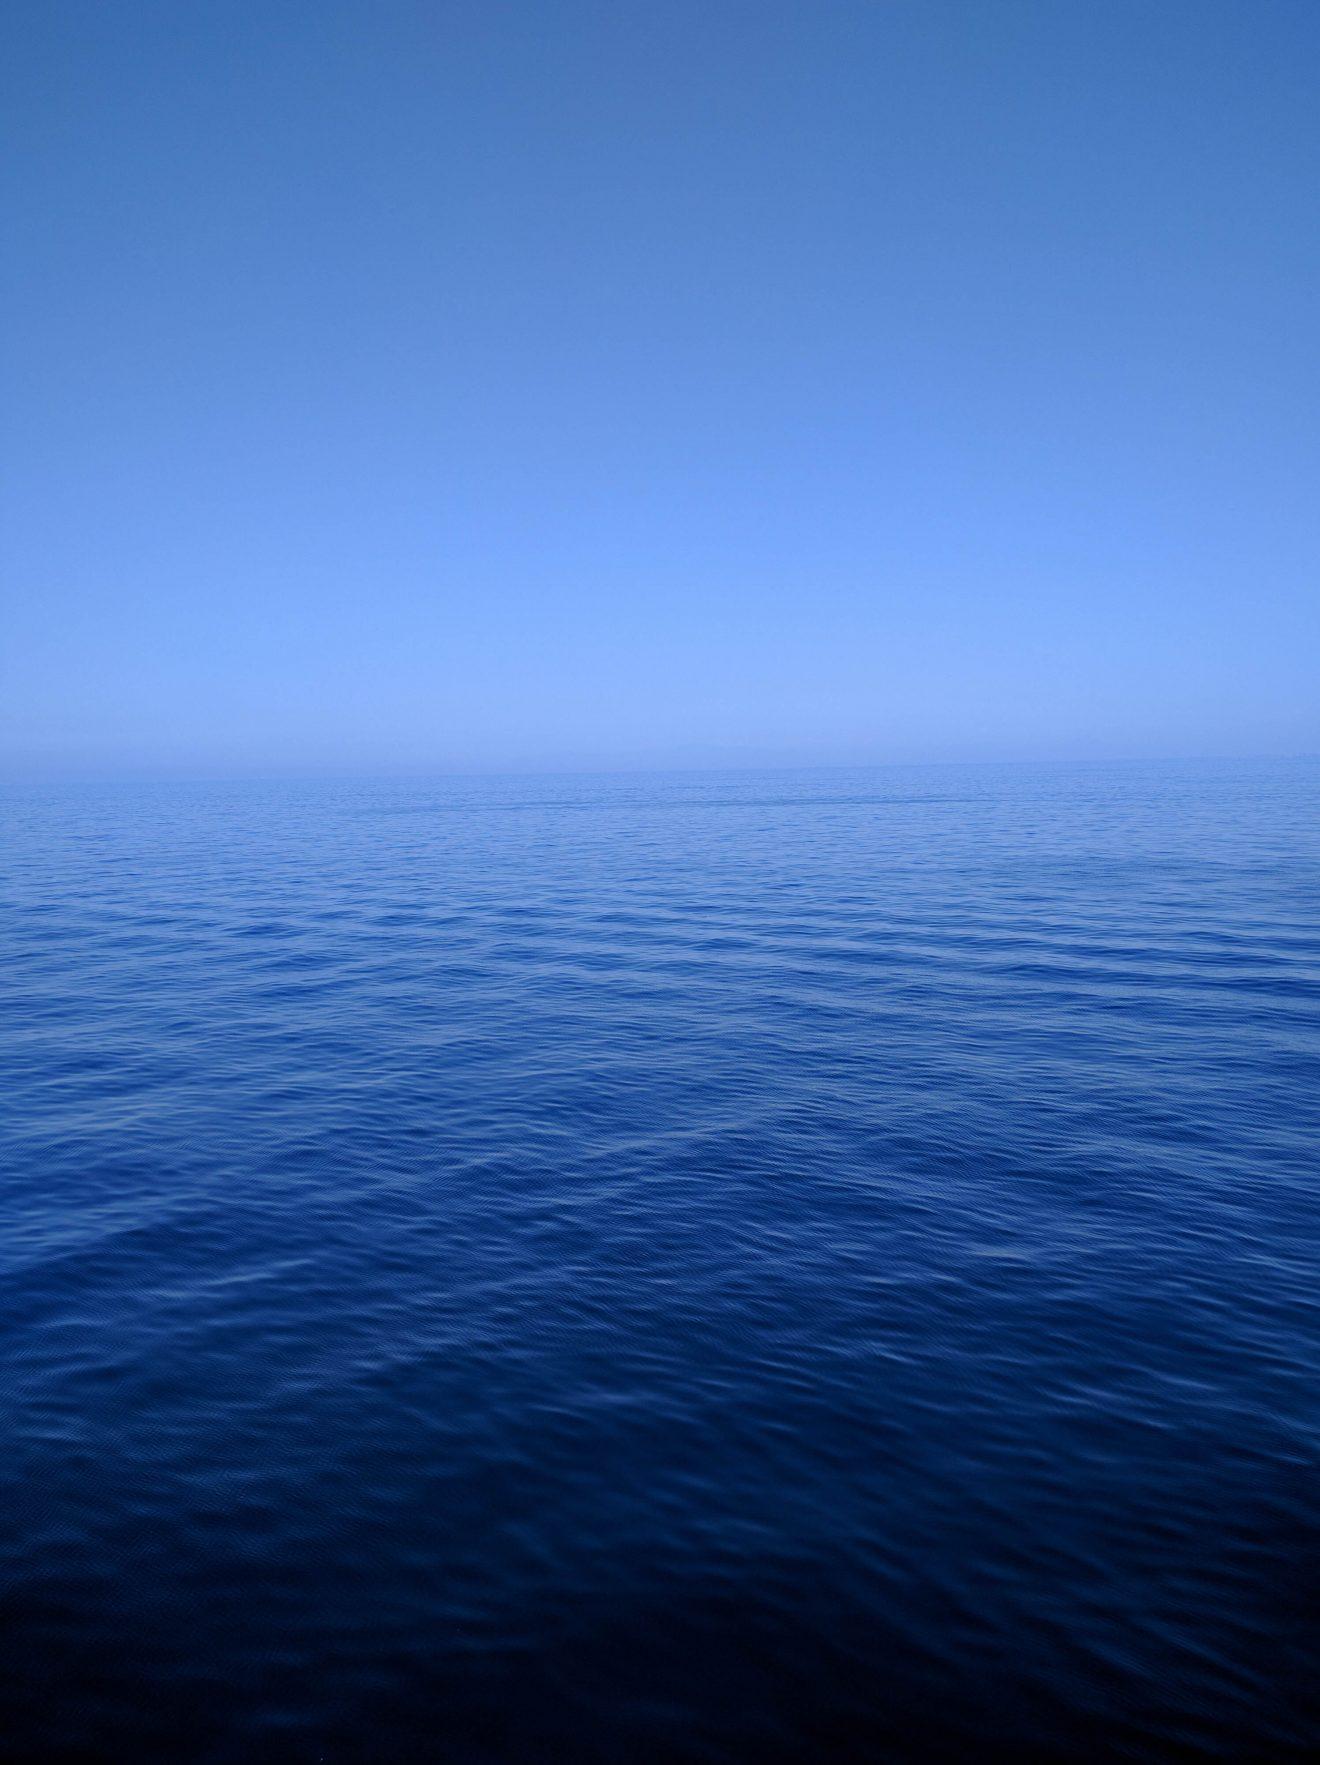 Nuances de bleu (mer / ciel) sur le trajet vers Positano